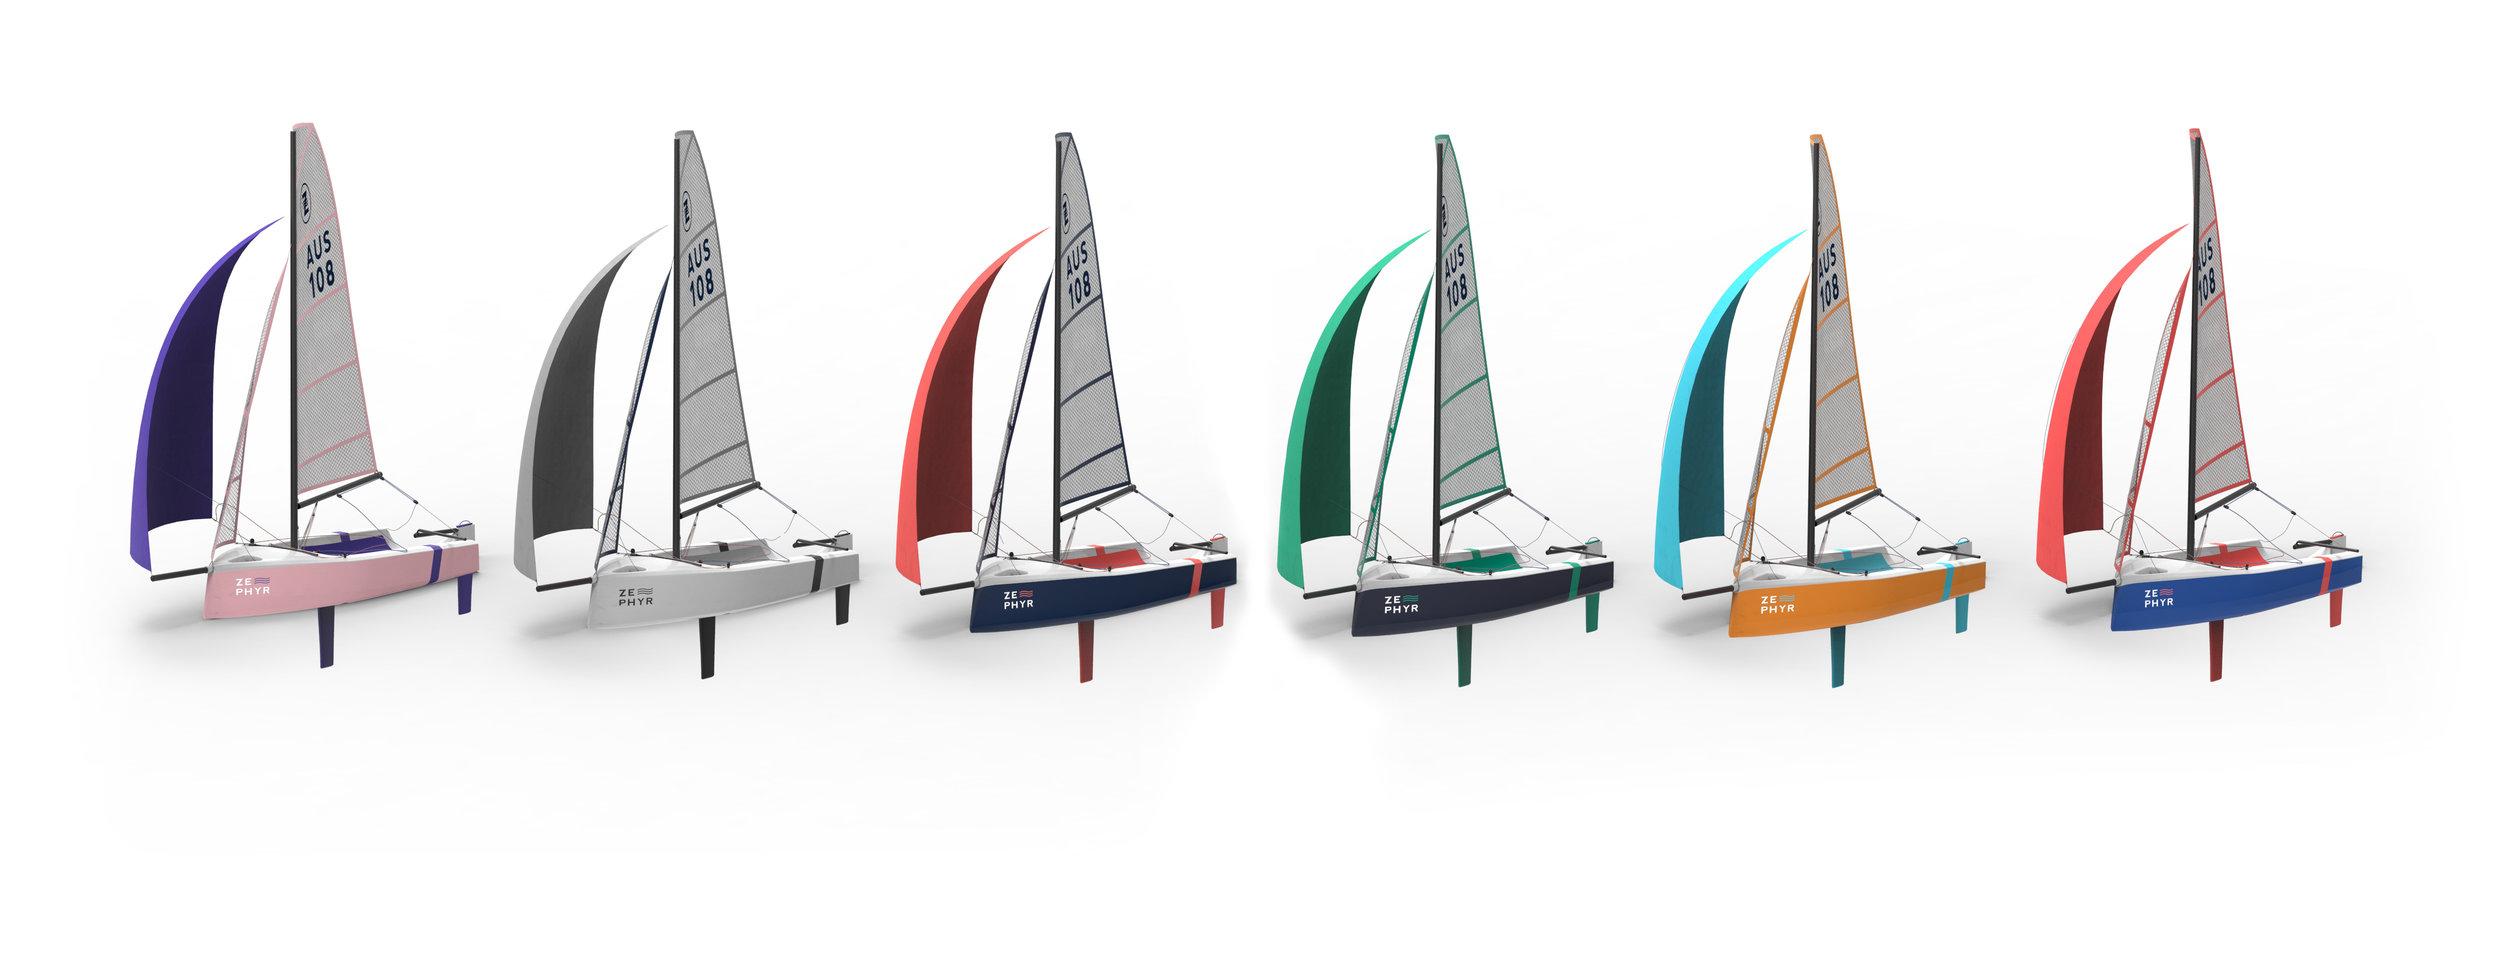 boat Renders 21-5-18.4267.jpg